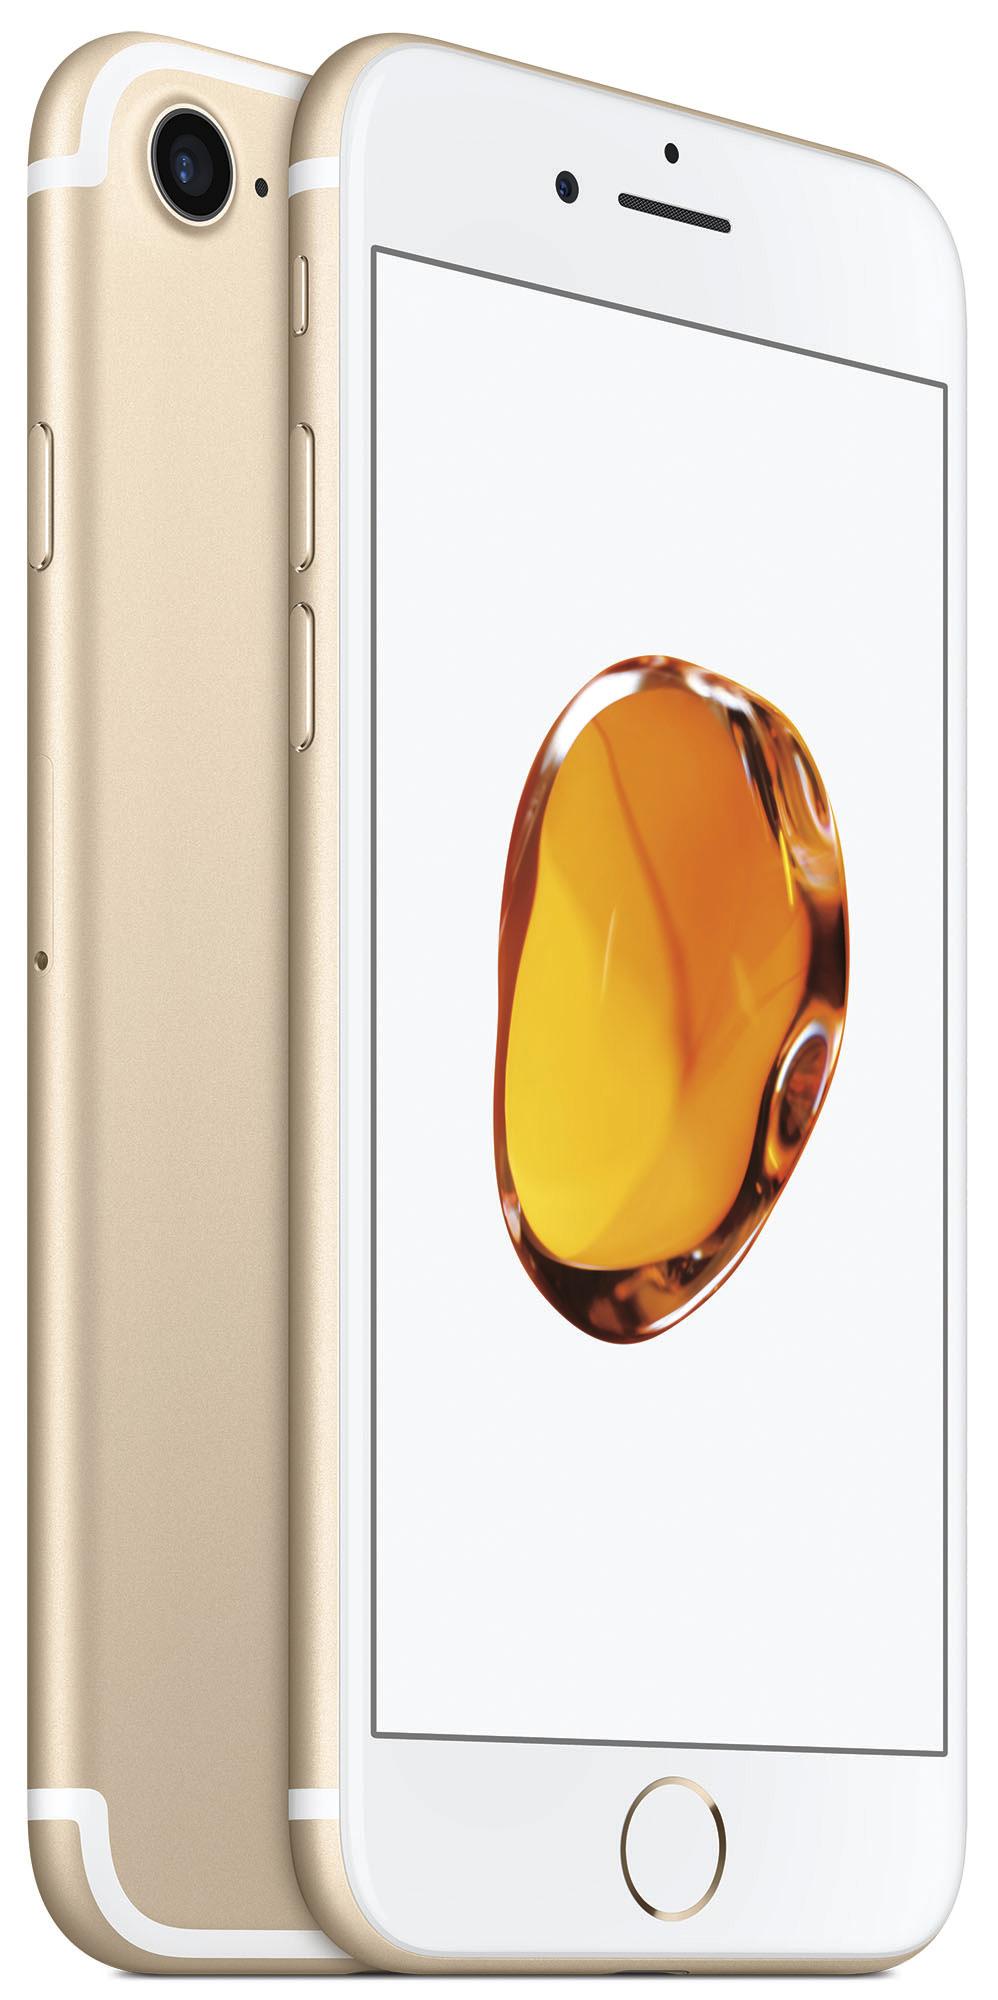 Мобильный телефон Apple iPhone 7 32GB (золотой) фото